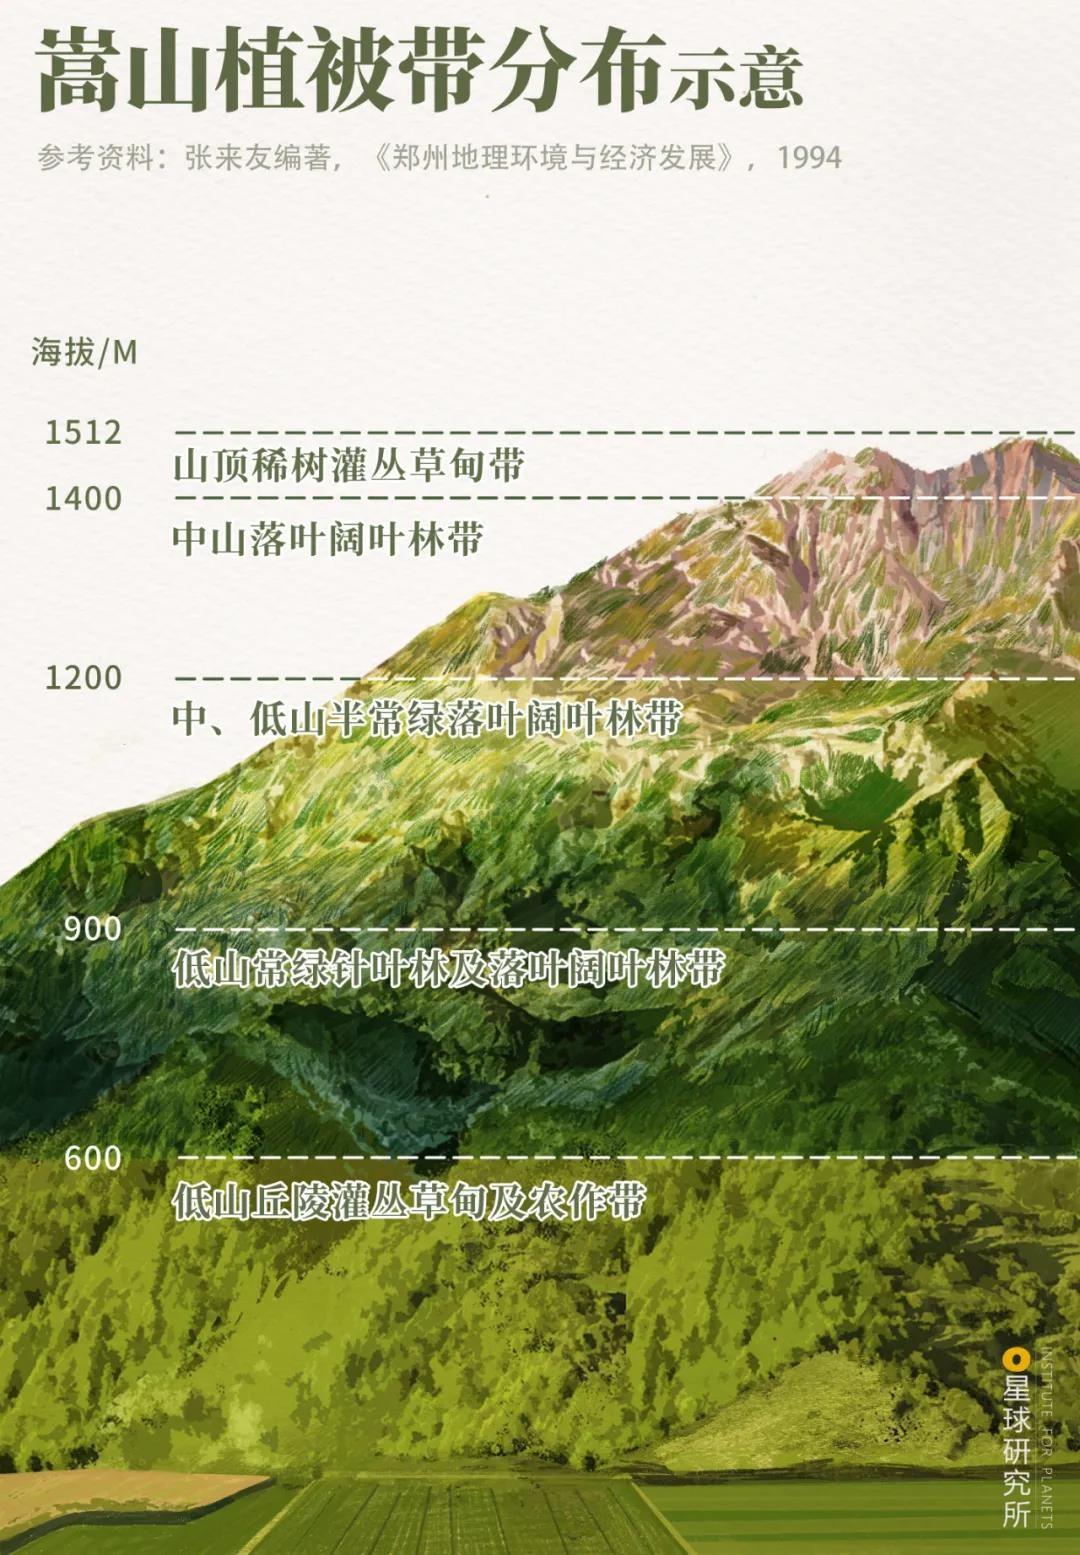 微信图片_20210418160531.jpg